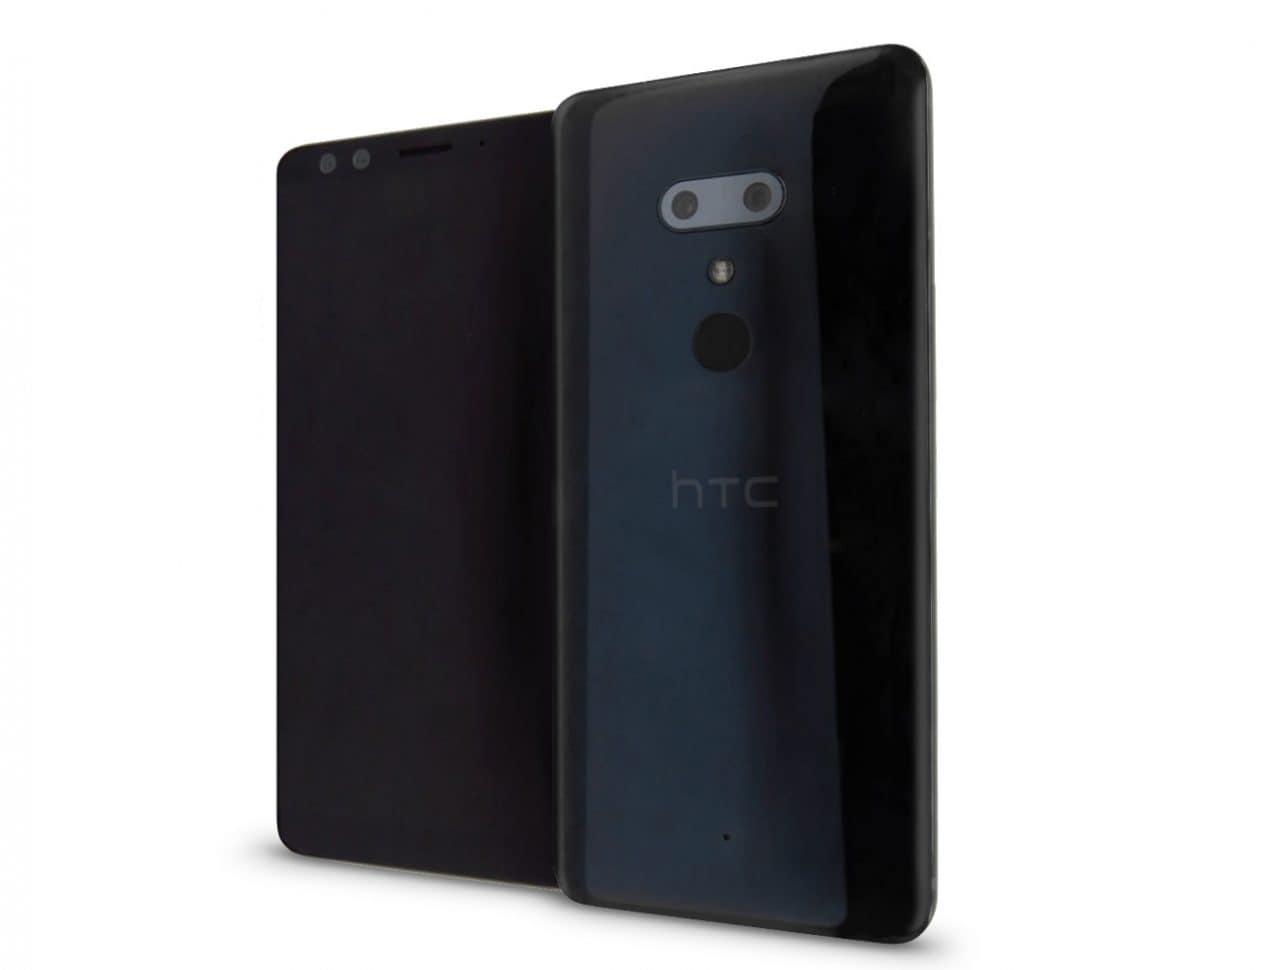 Nuove conferme sul look di HTC U12+: ecco le pellicole per la protezione dello schermo (foto)